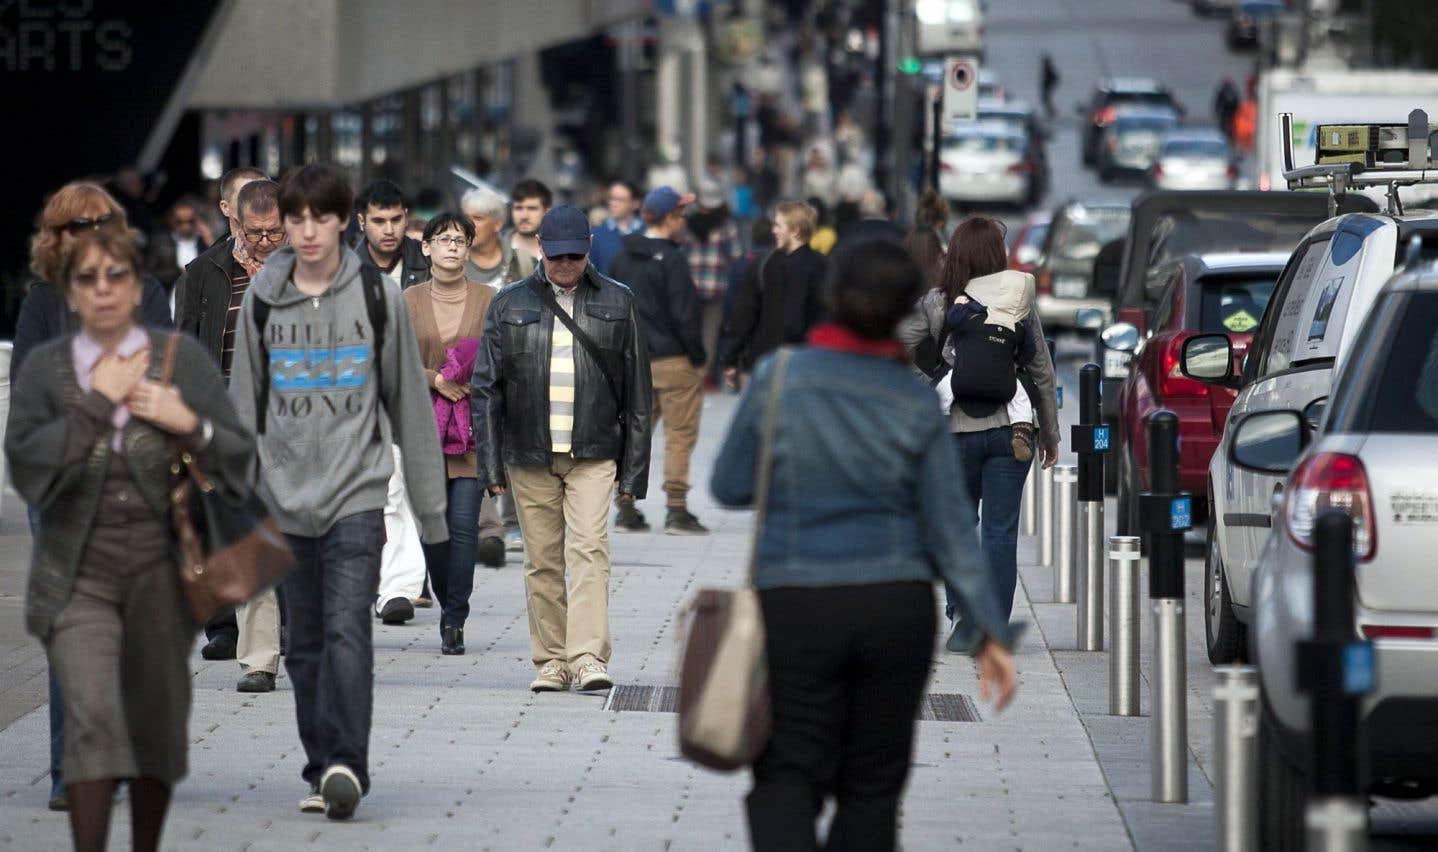 Selon Dan Rubinstein, la «bonne direction» équivaut, pour quiconque s'adonne à la marche, à une meilleure santé physique et mentale, et, pour la planète, à une meilleure santé économique, écologique et sociale.